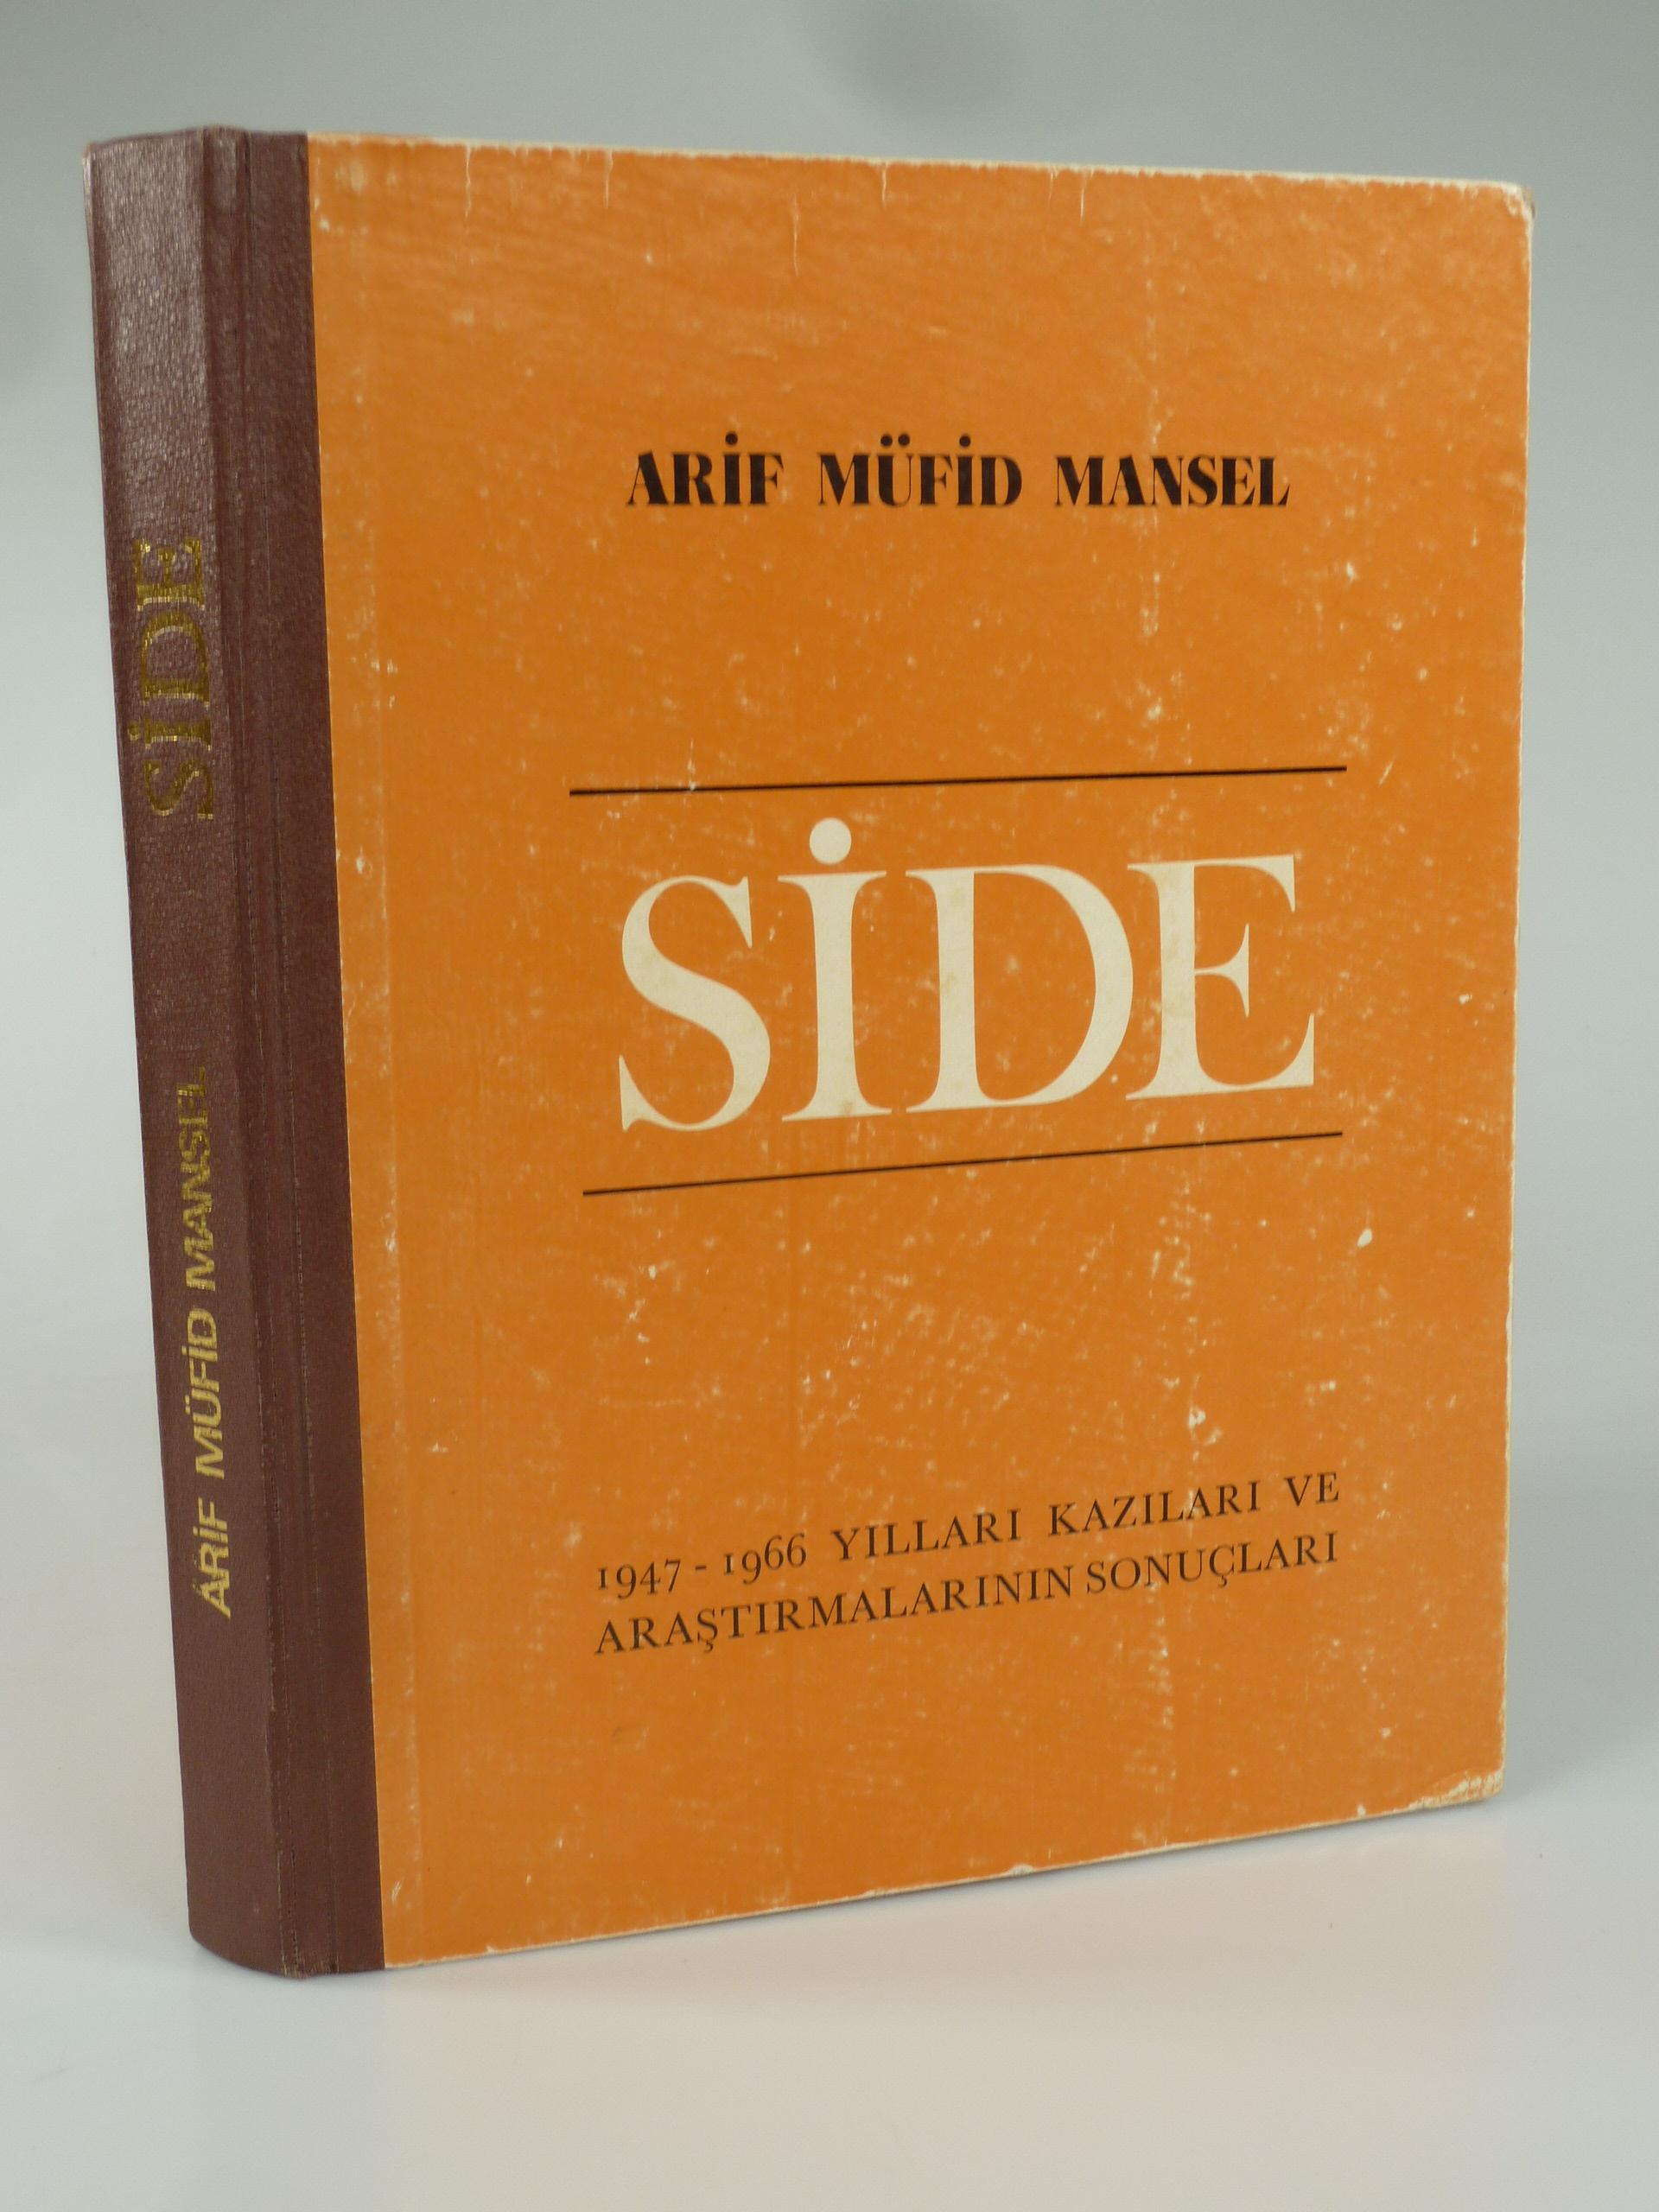 Side.: MÜFID MANSEL, Arif.